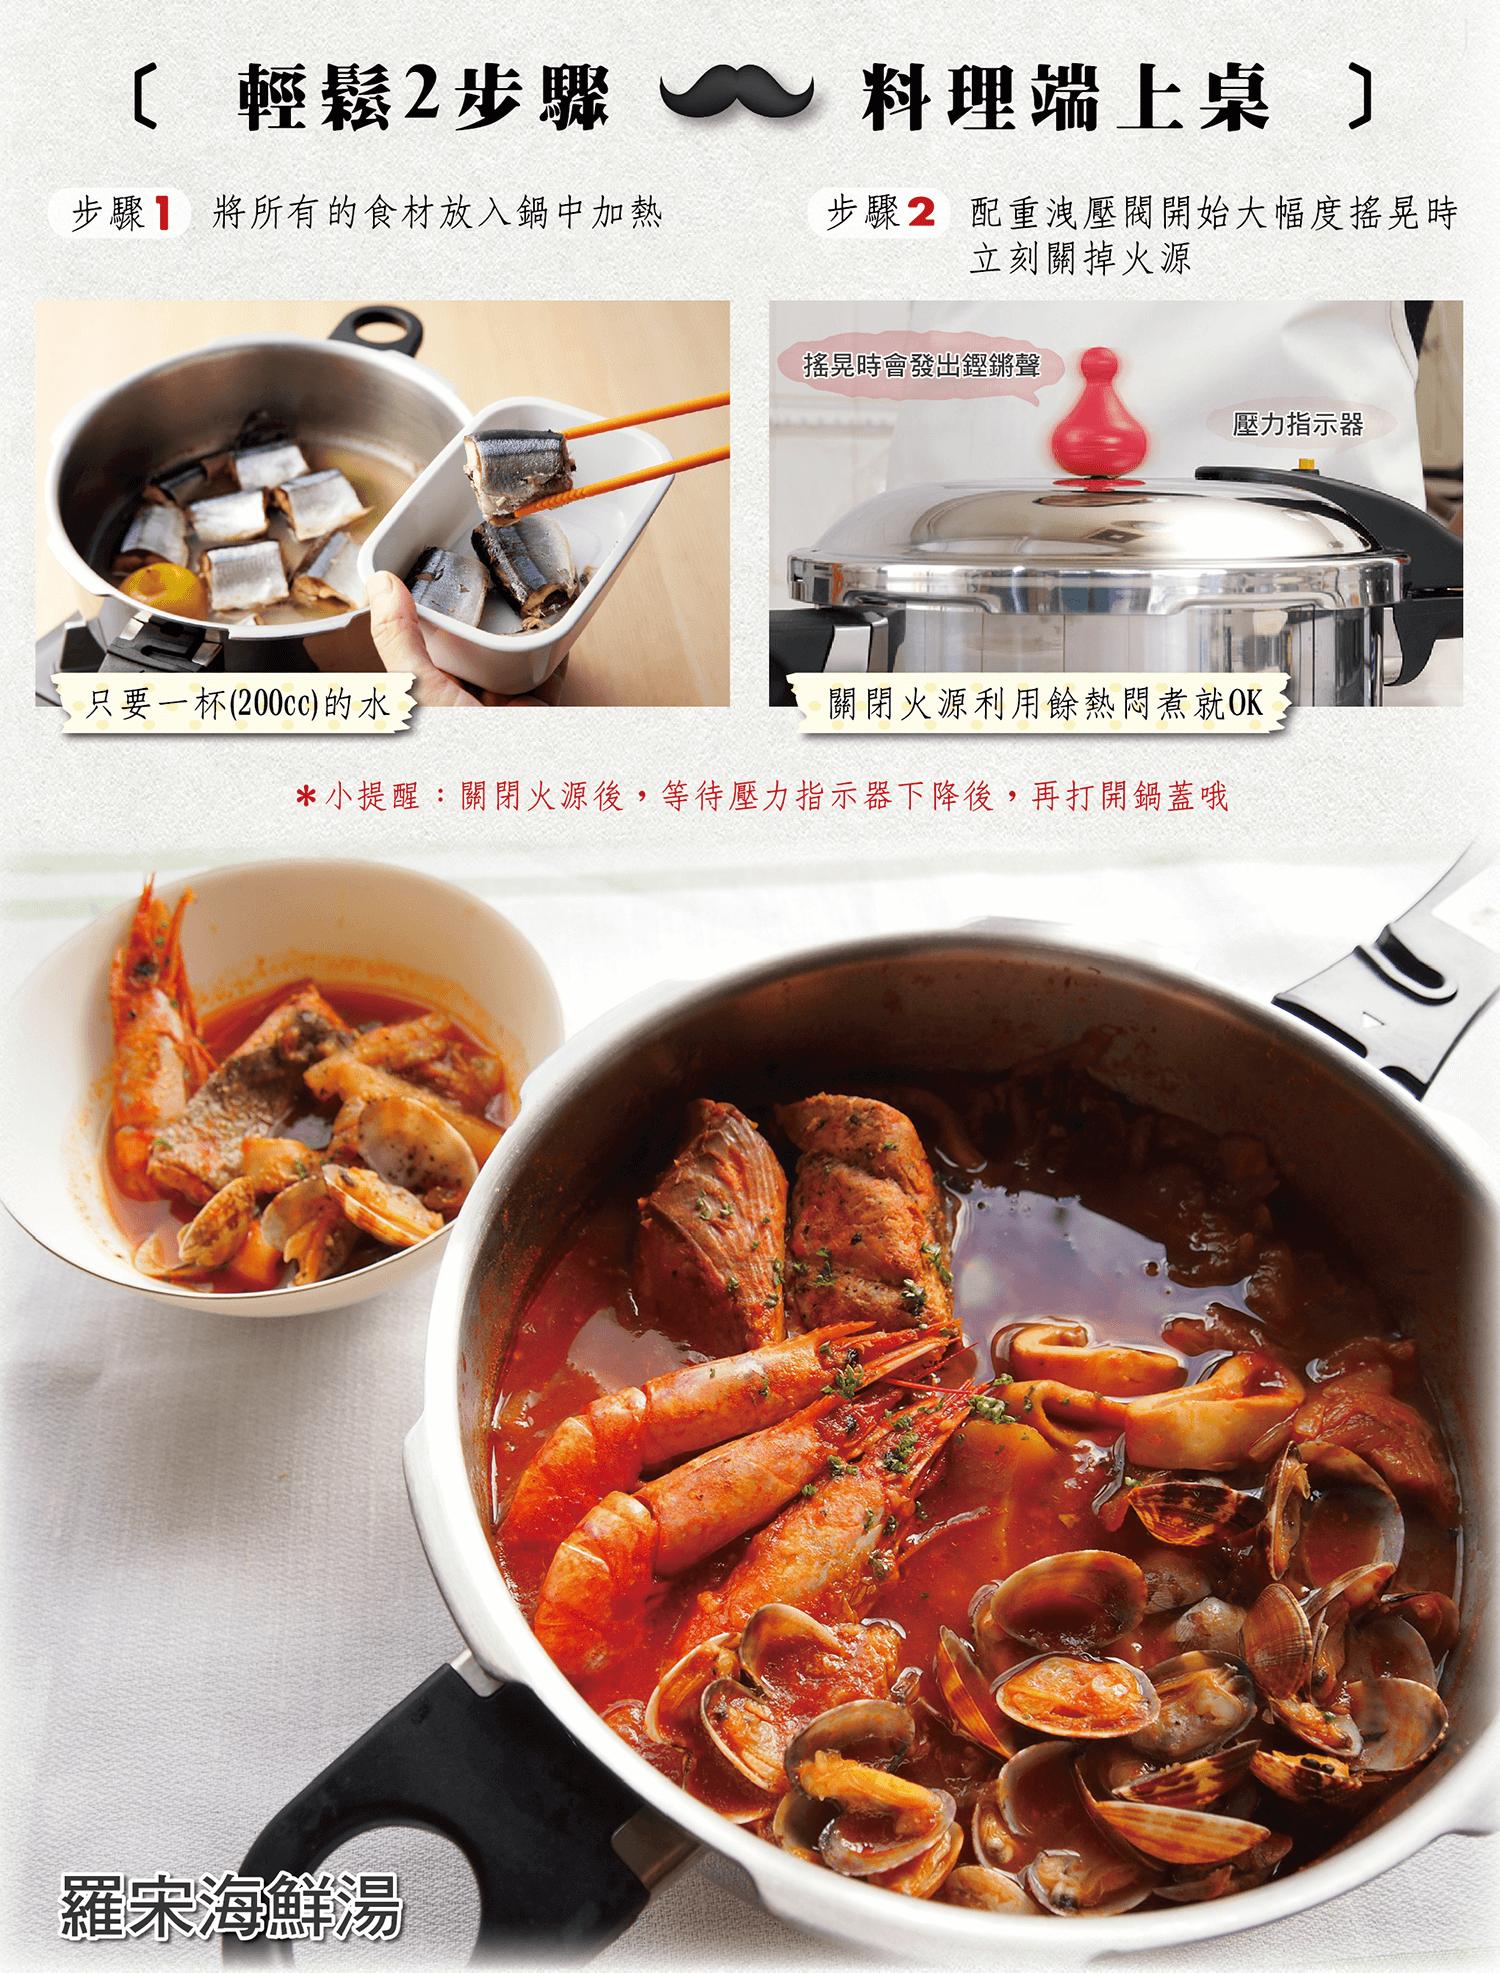 朝日平底鍋,日本製,不沾鍋,父親節新色,平底鍋推薦,父親節好禮